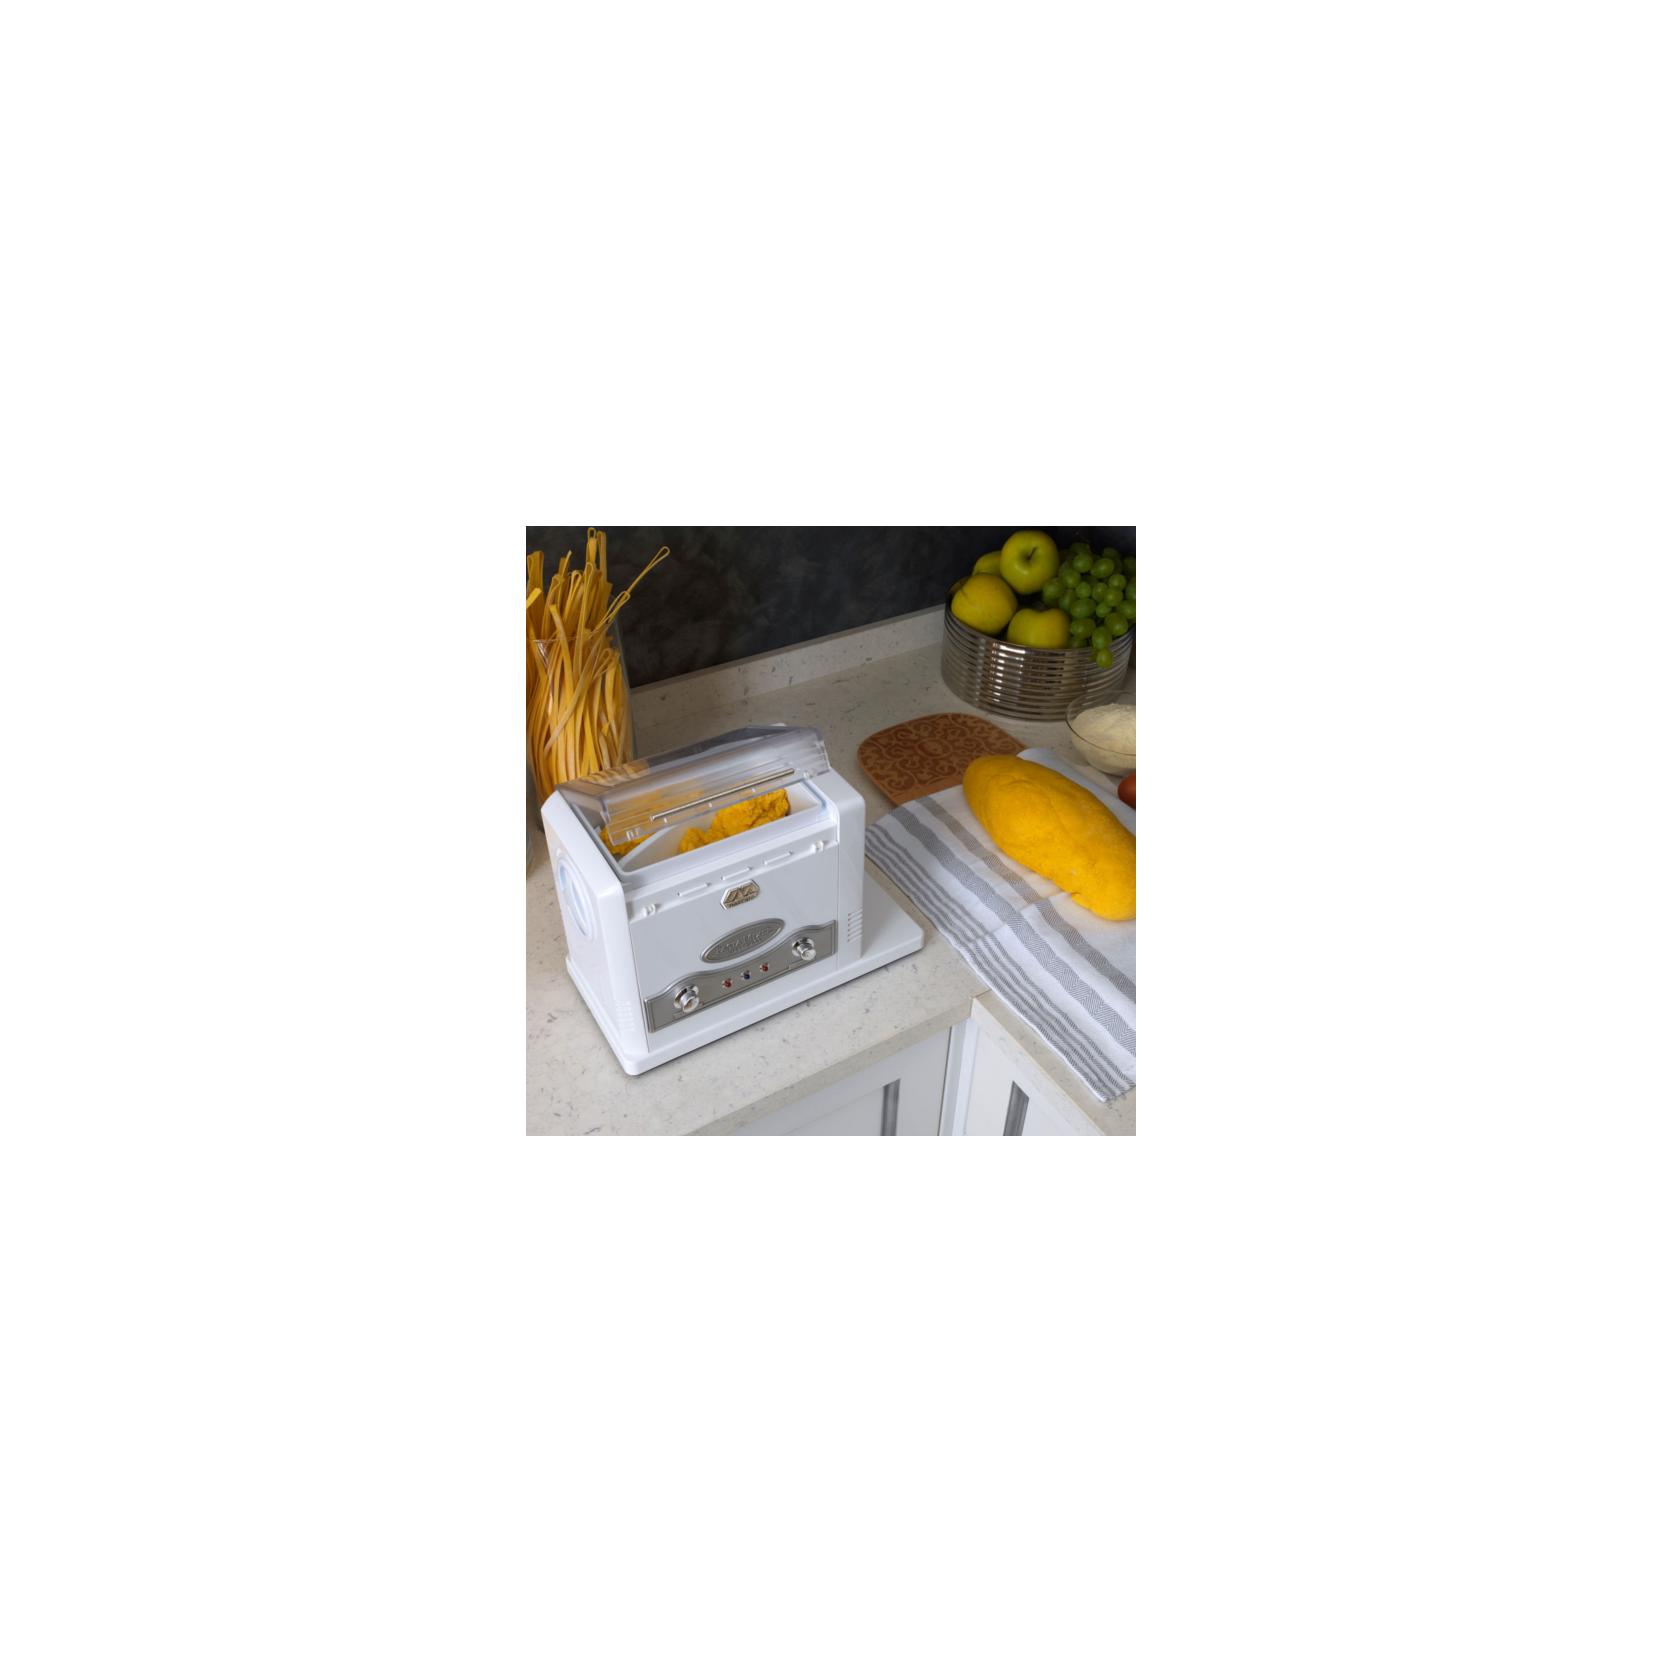 Impastatrice marcato pastafresca con accessori - Impastatrice per pasta fatta in casa ...